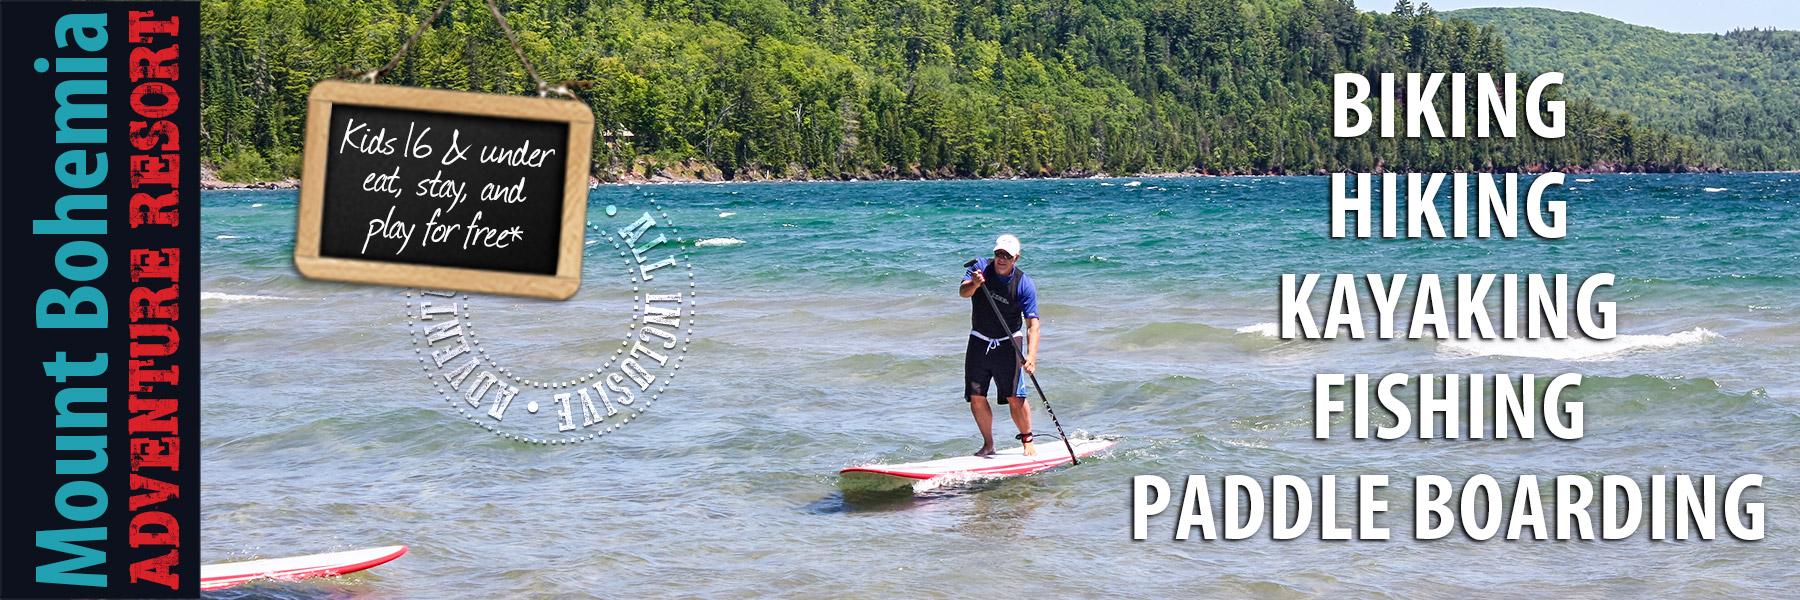 paddle boarding lake superior